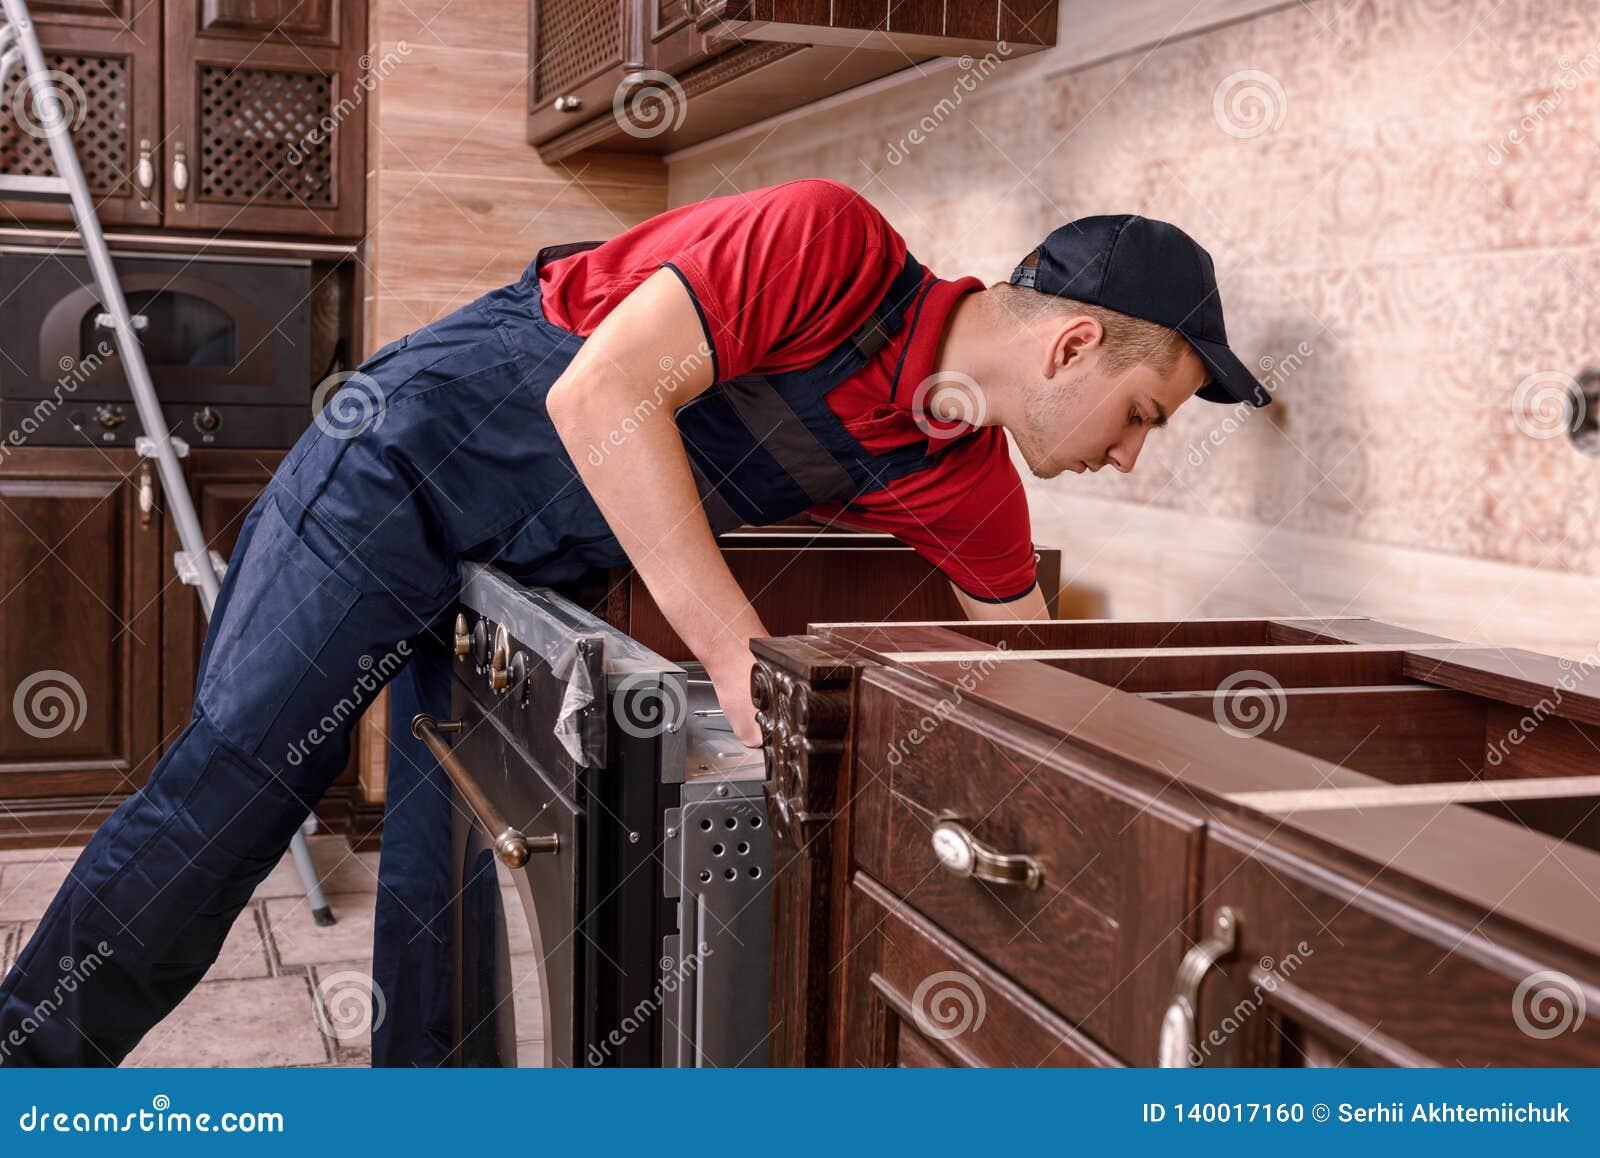 Zusammenbauender Ofen der Berufsarbeitskraft Installation von Küchenmöbeln